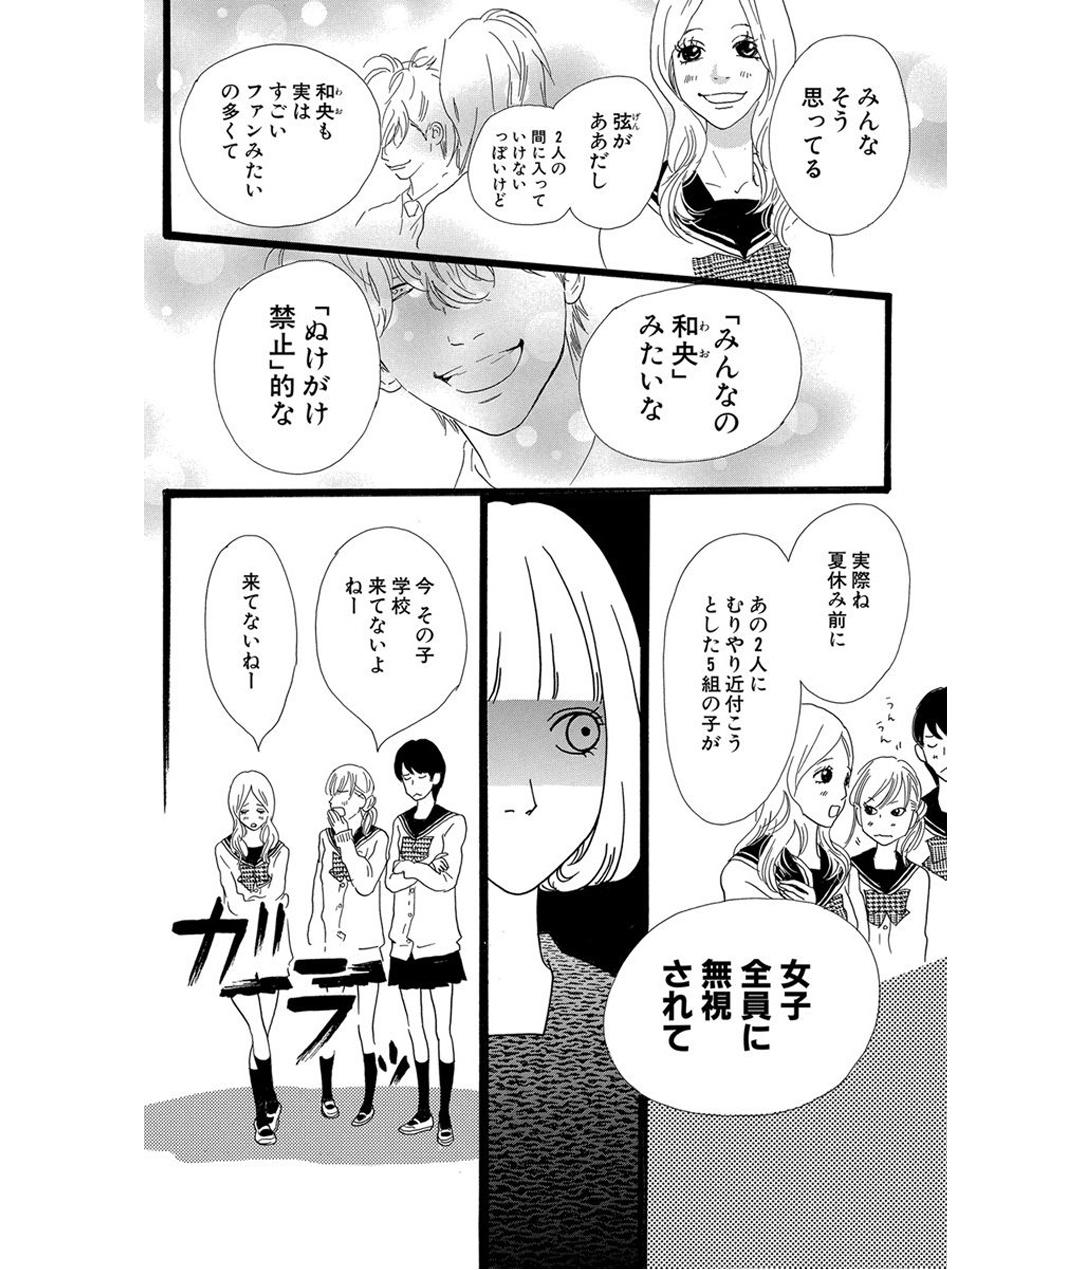 プリンシパル 第1話 試し読み_1_1-30